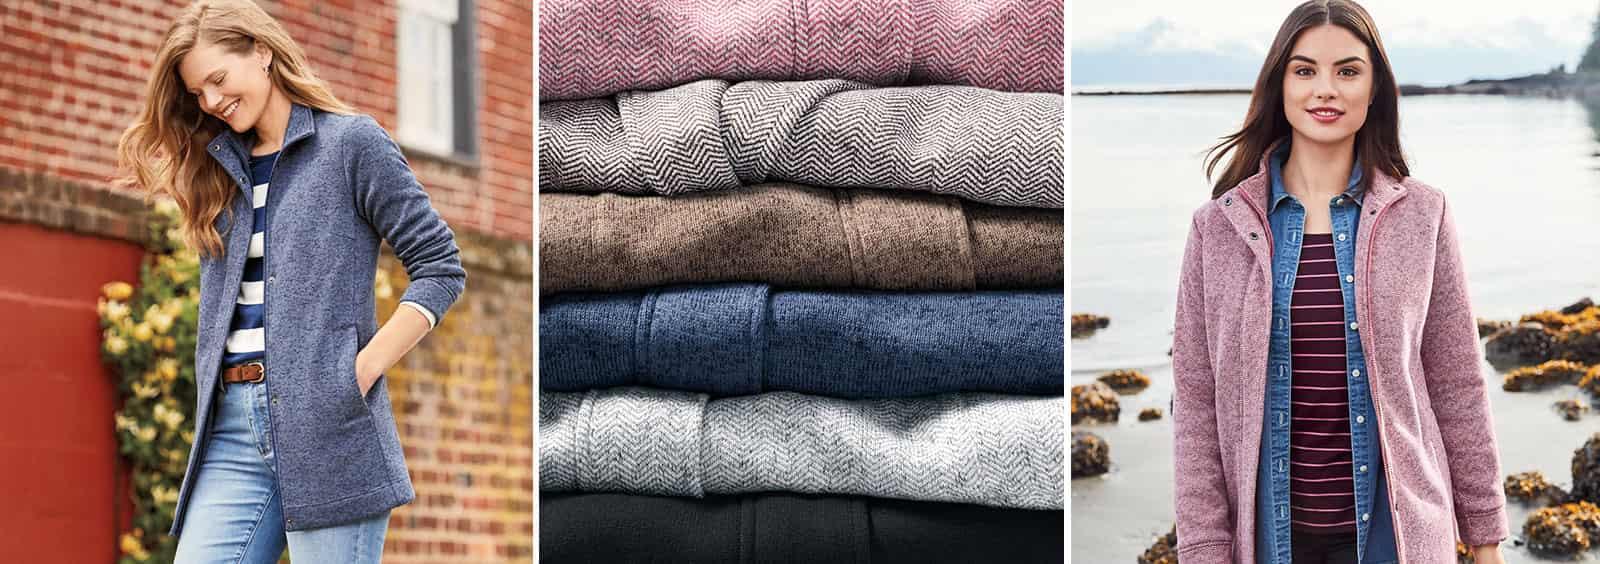 Ways to wear fleece